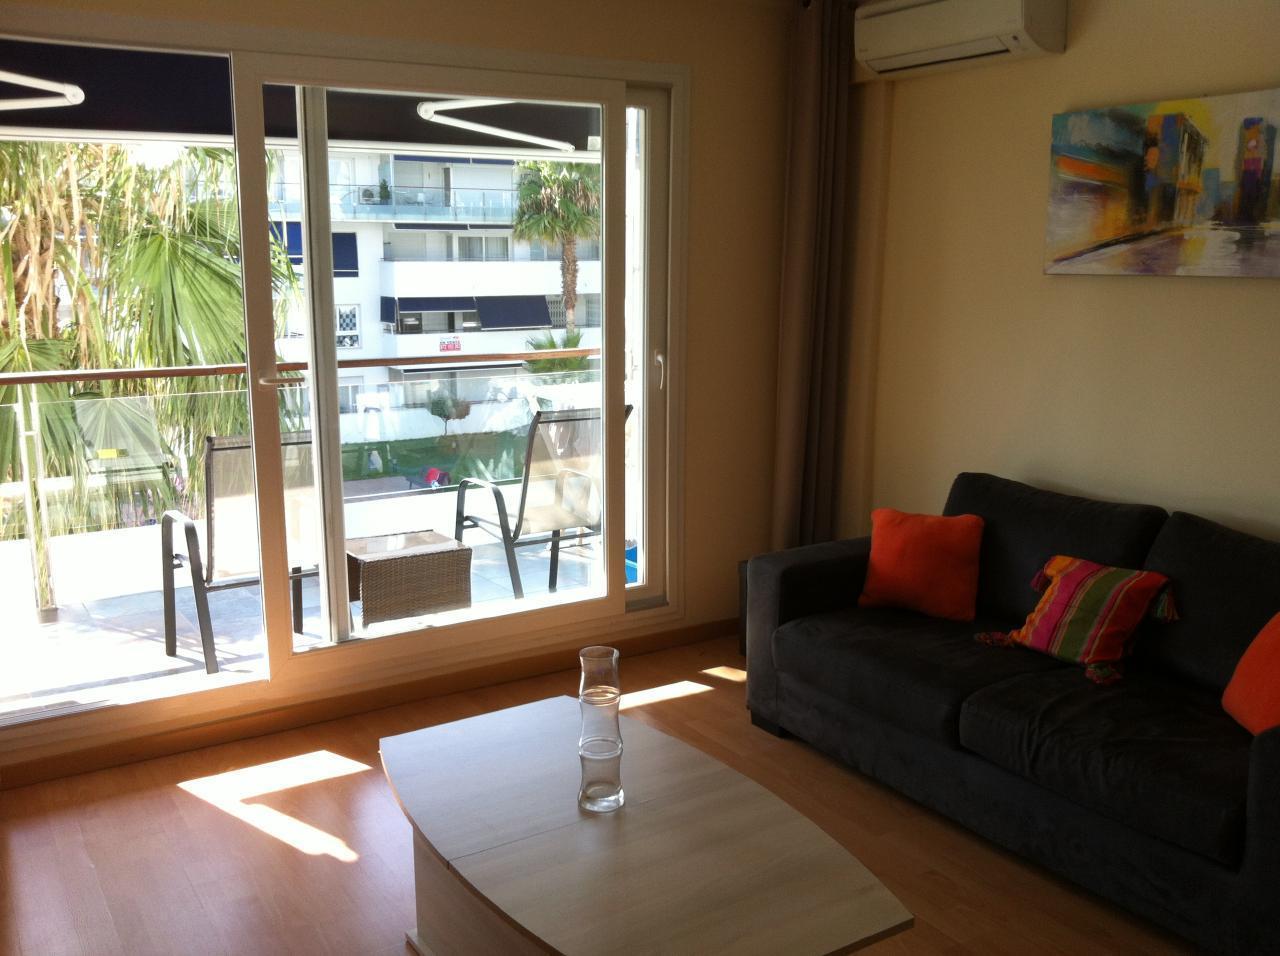 Ferienwohnung Wohnung in Neubau, sehr gut ausgestattet und praktisch, mit Klimaanlage Gemeinschaftspool  (2329141), Rosas (Costa Brava), Costa Brava, Katalonien, Spanien, Bild 8